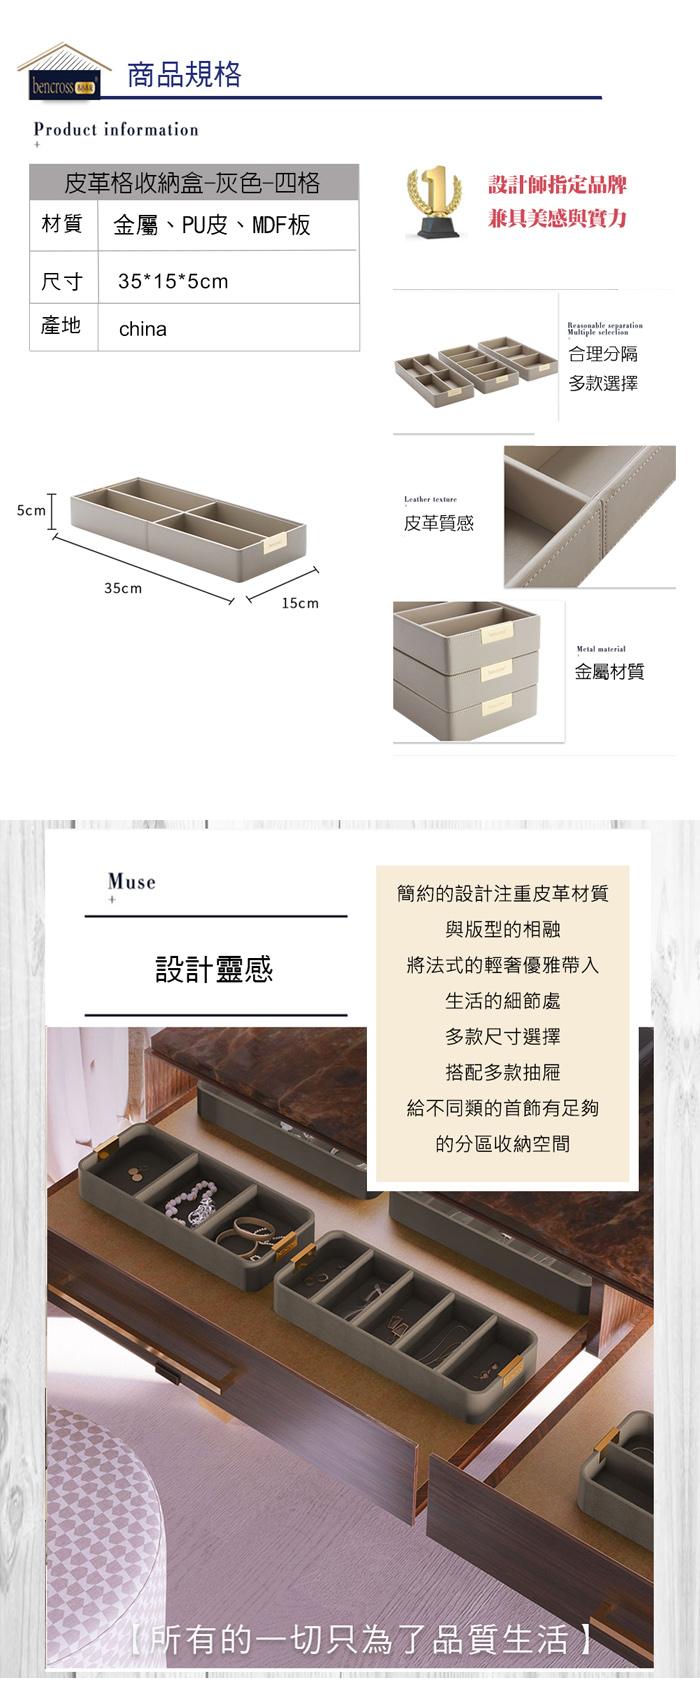 (複製)bencross本心本來 皮革格收納盒架-灰色-三格